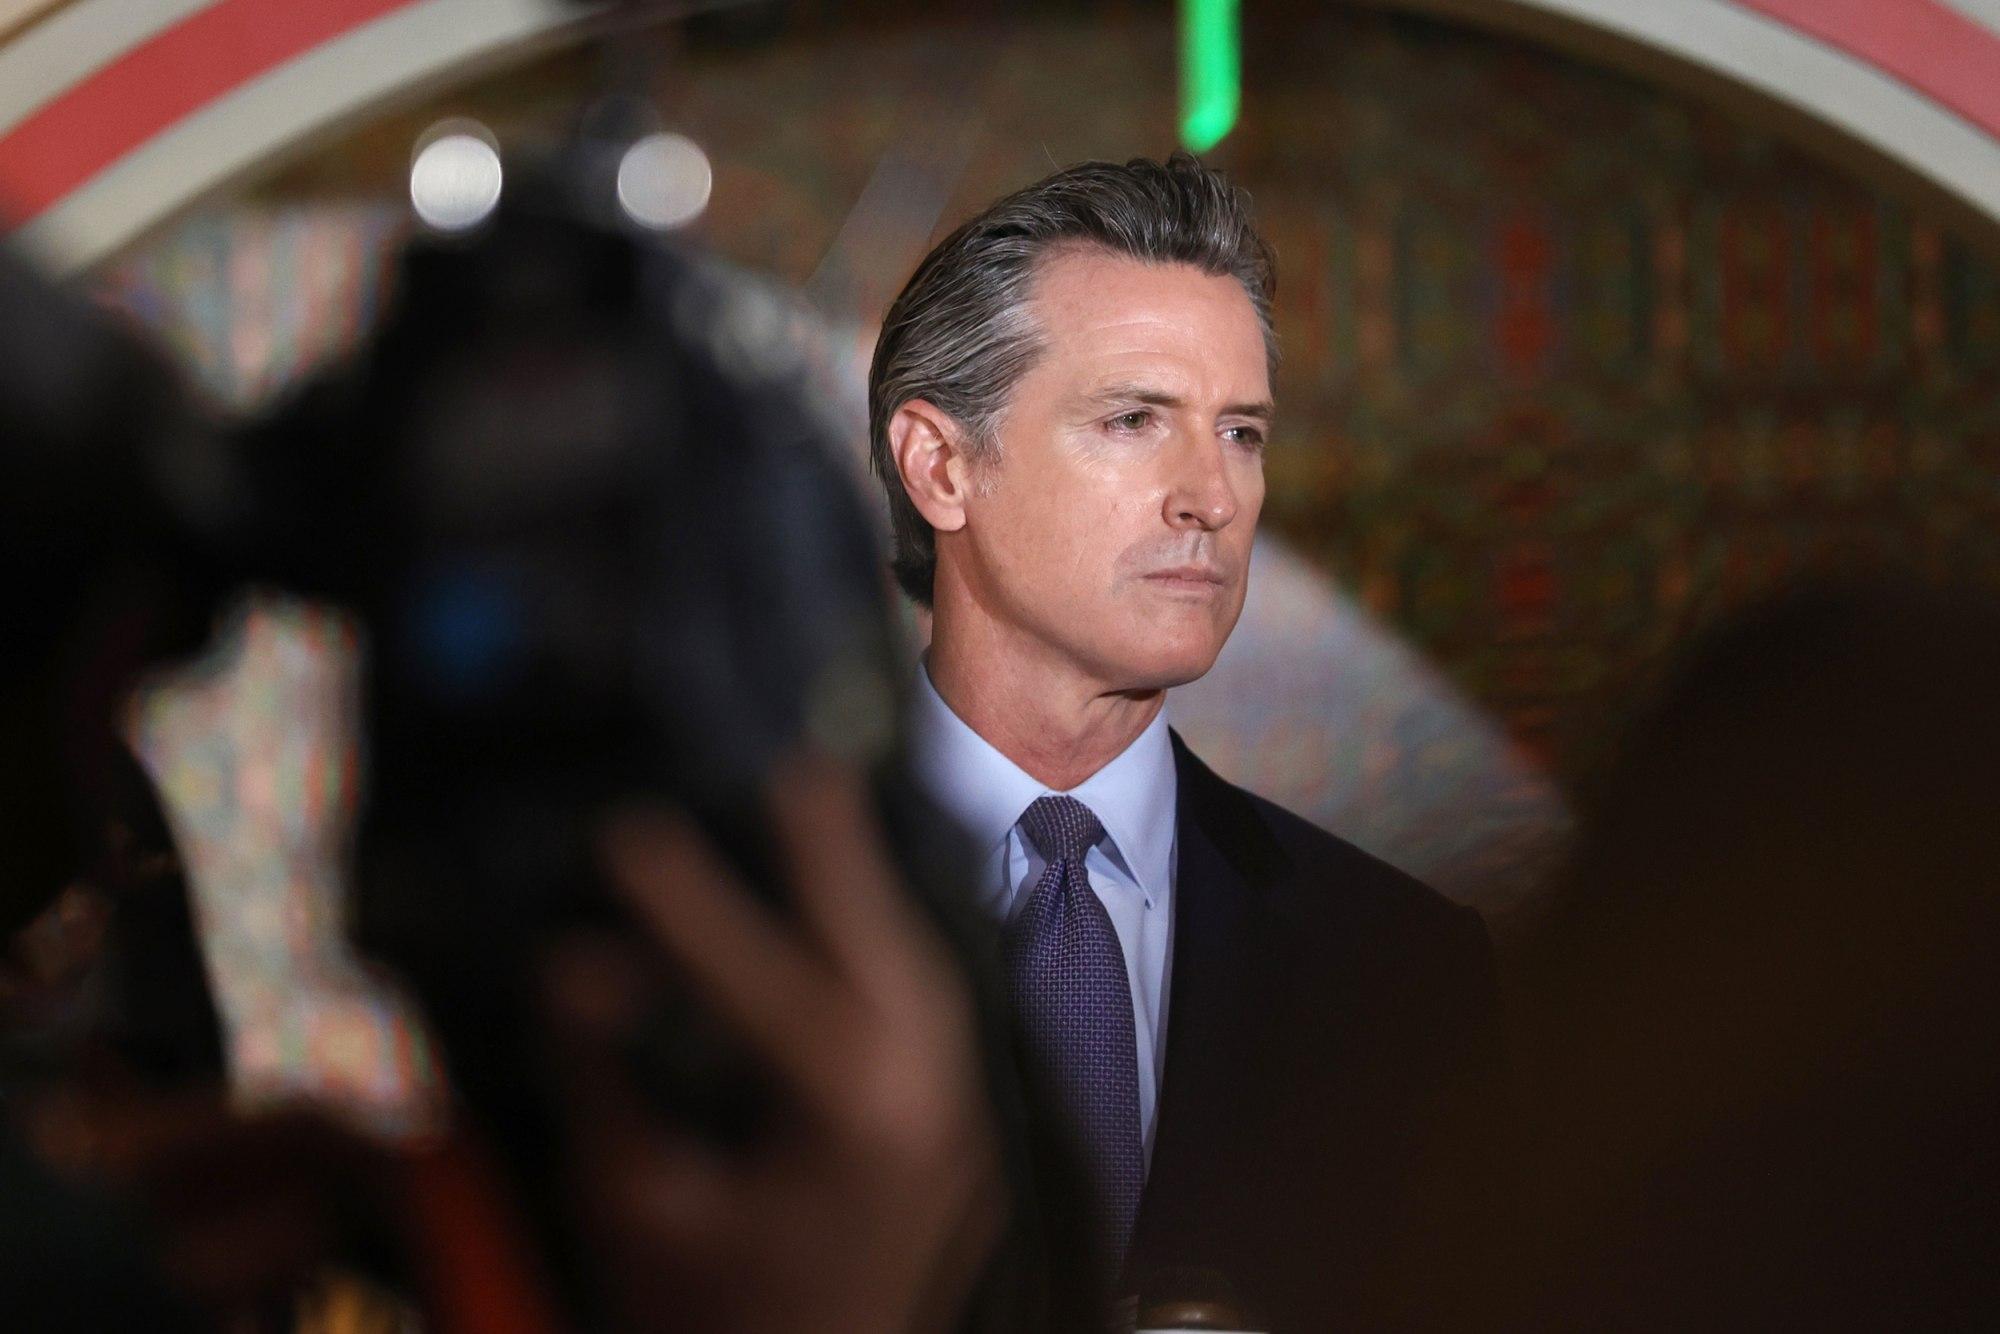 Thống đốc California, Gavin Newsom yêu cầu chính phủ liên bang cho phép sử dụng tiền thuế để thực hiện chương trình cai nghiện kiểu mới. Ảnh: NBCnews